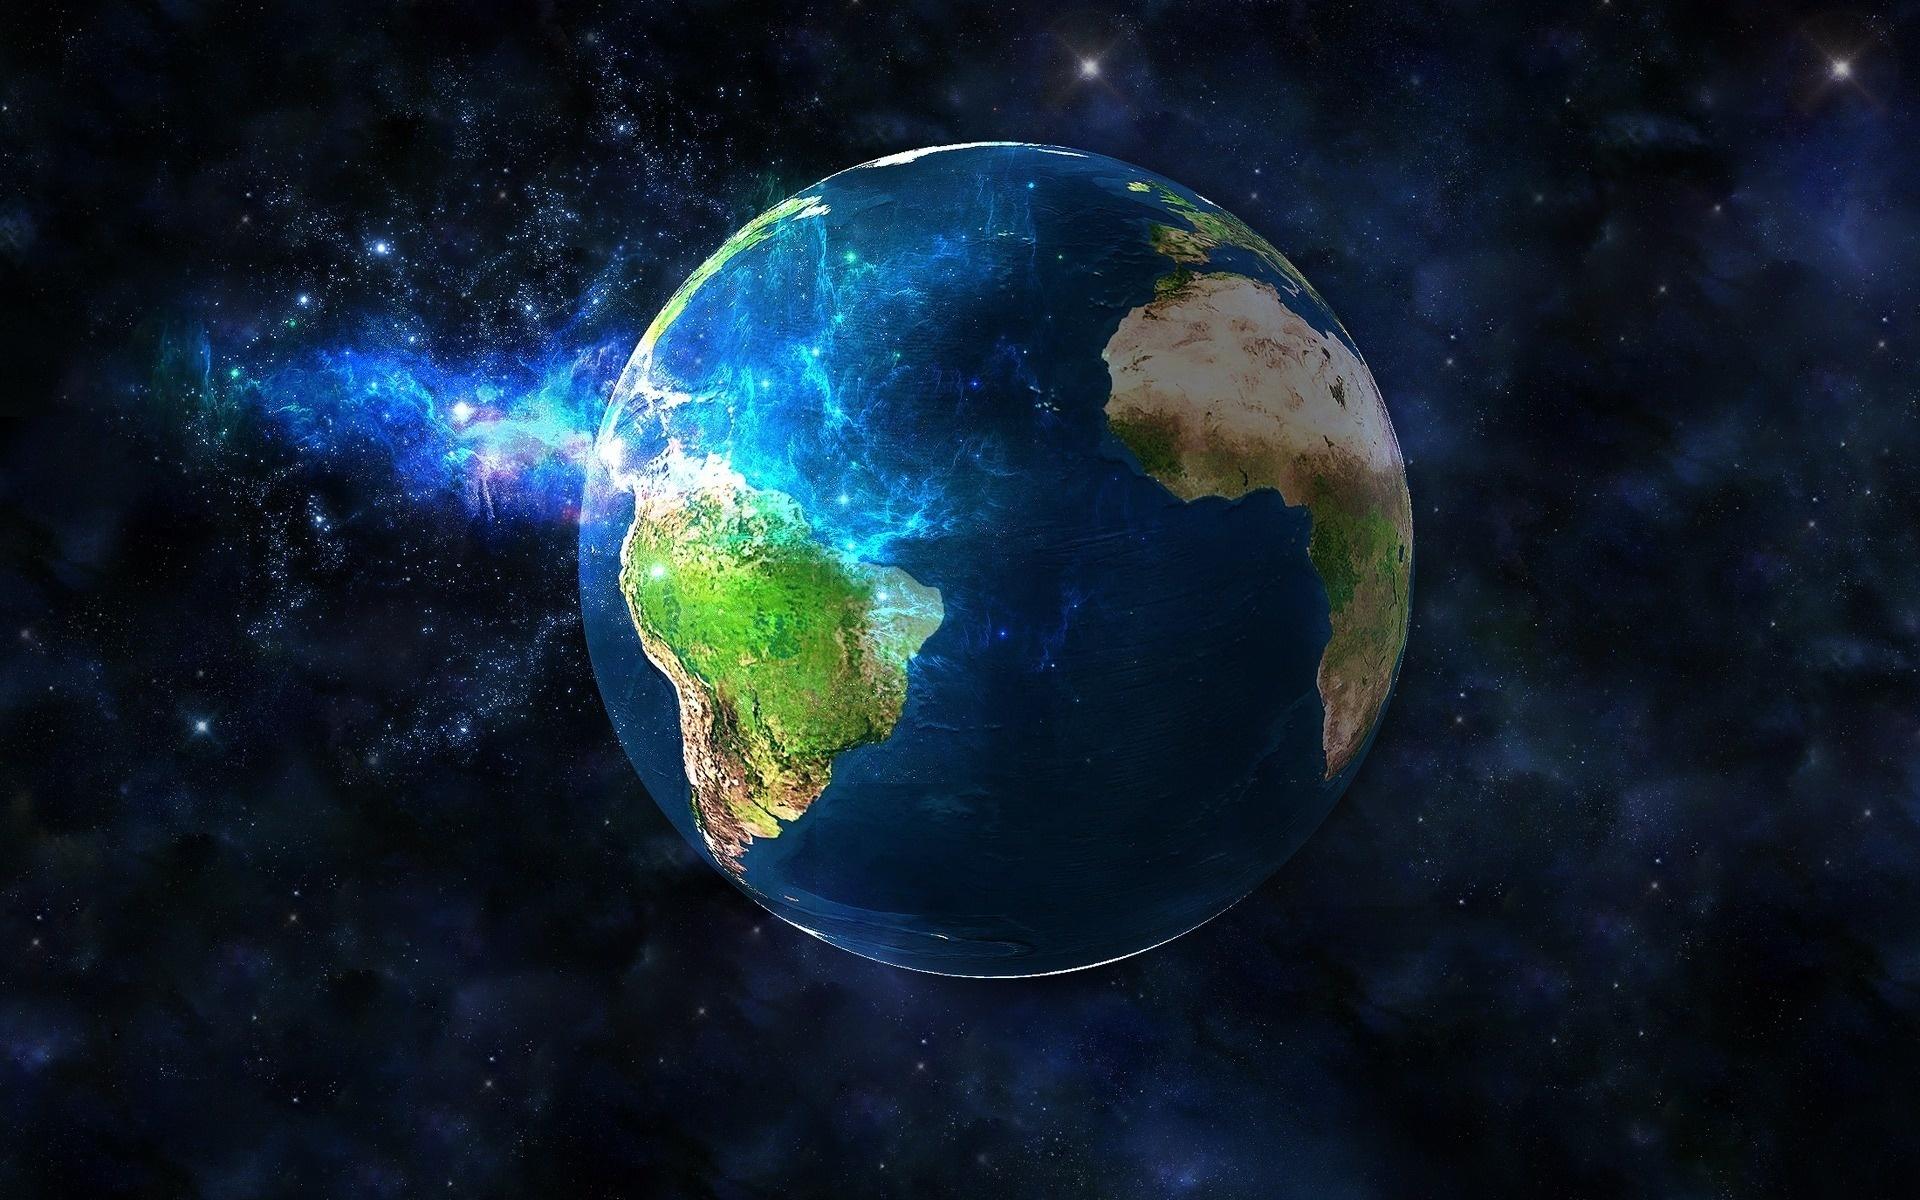 Структура суши планеты Земля